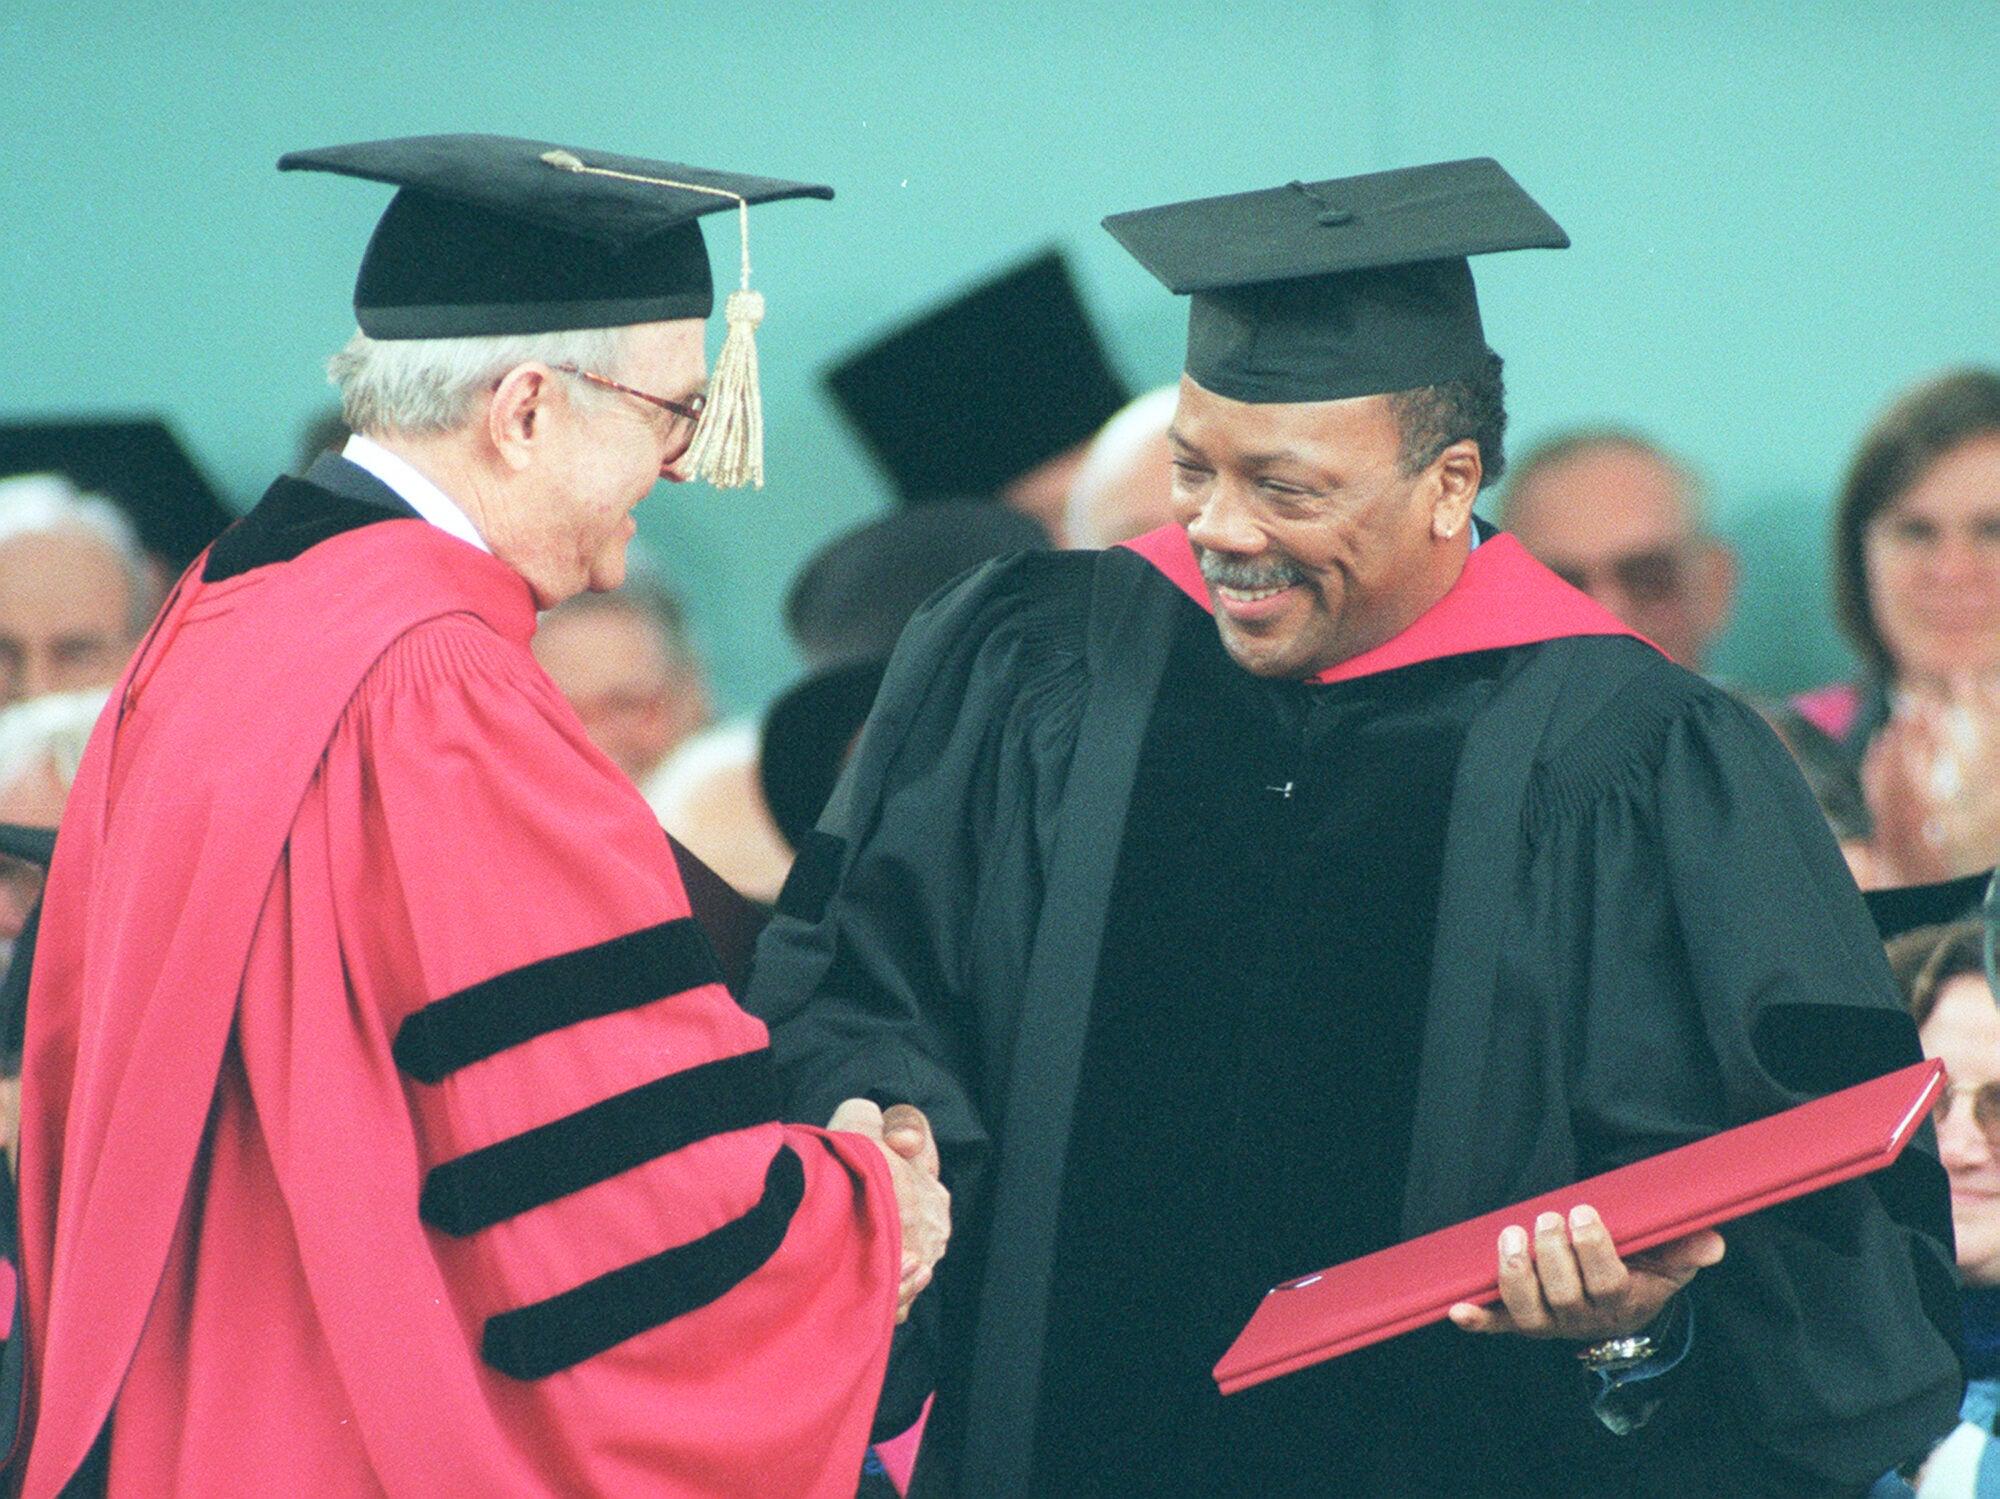 Quincy Jones in cap and gown